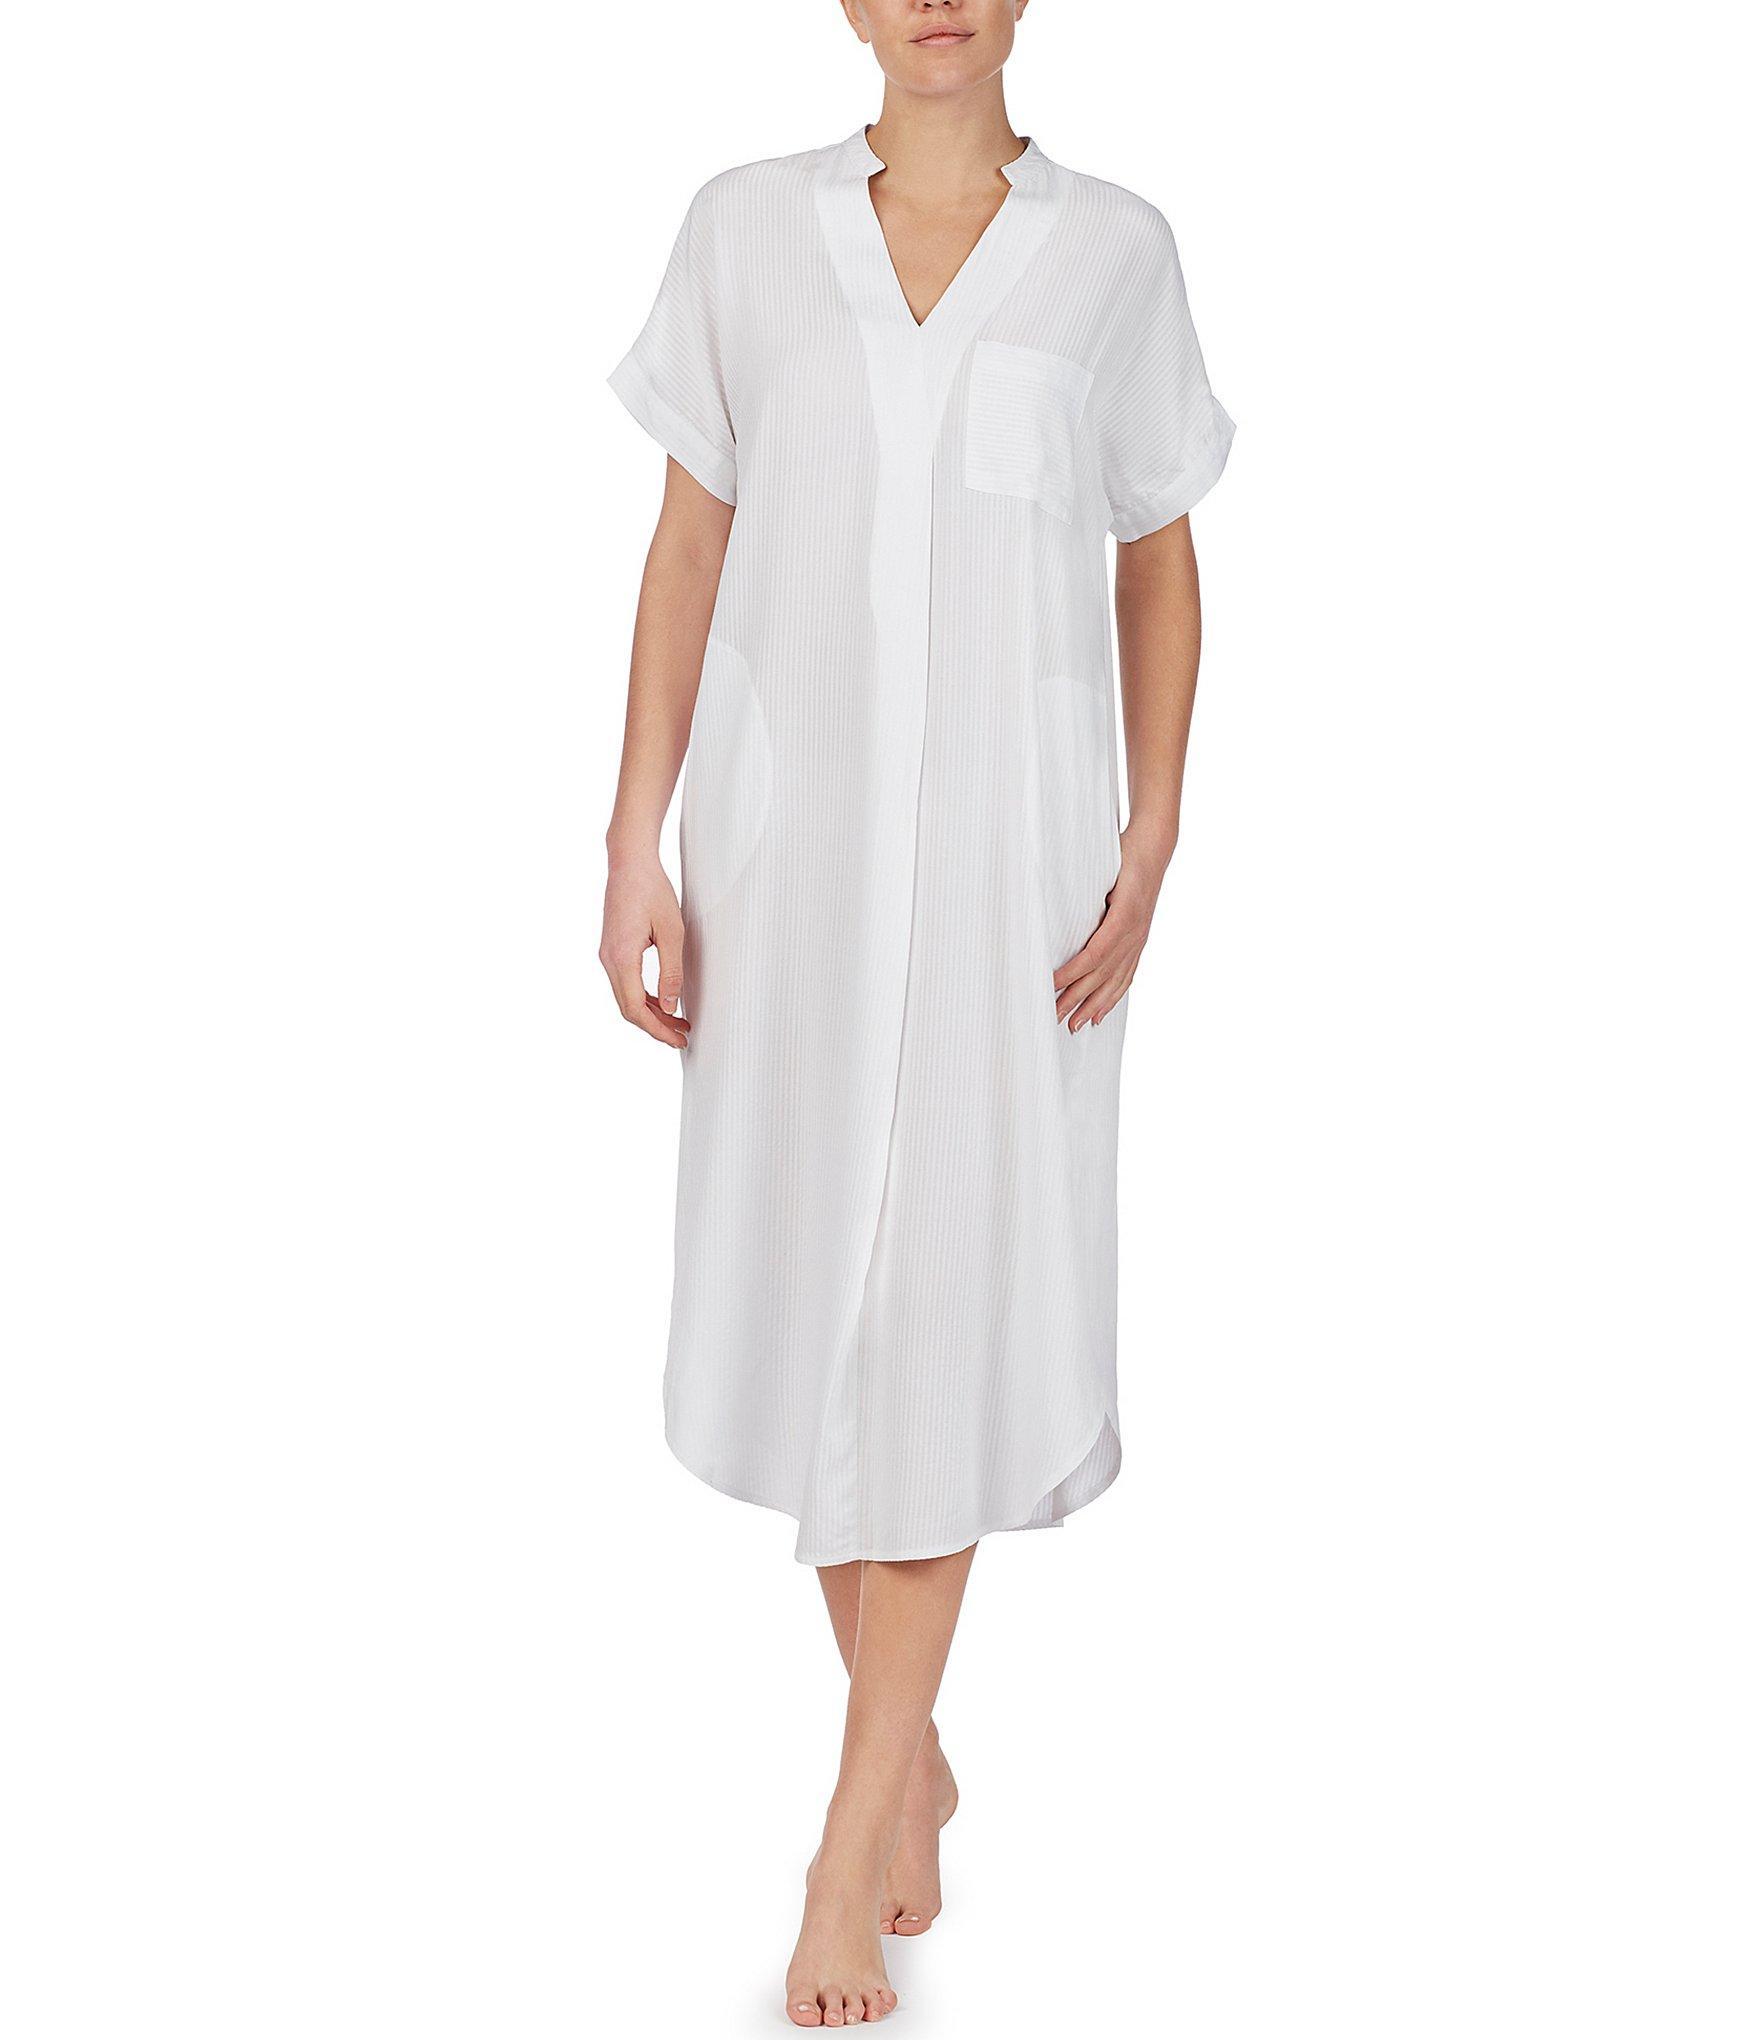 7fd96b676cea98 Lyst - Donna Karan Striped Print Maxi Sleep Shirt in White